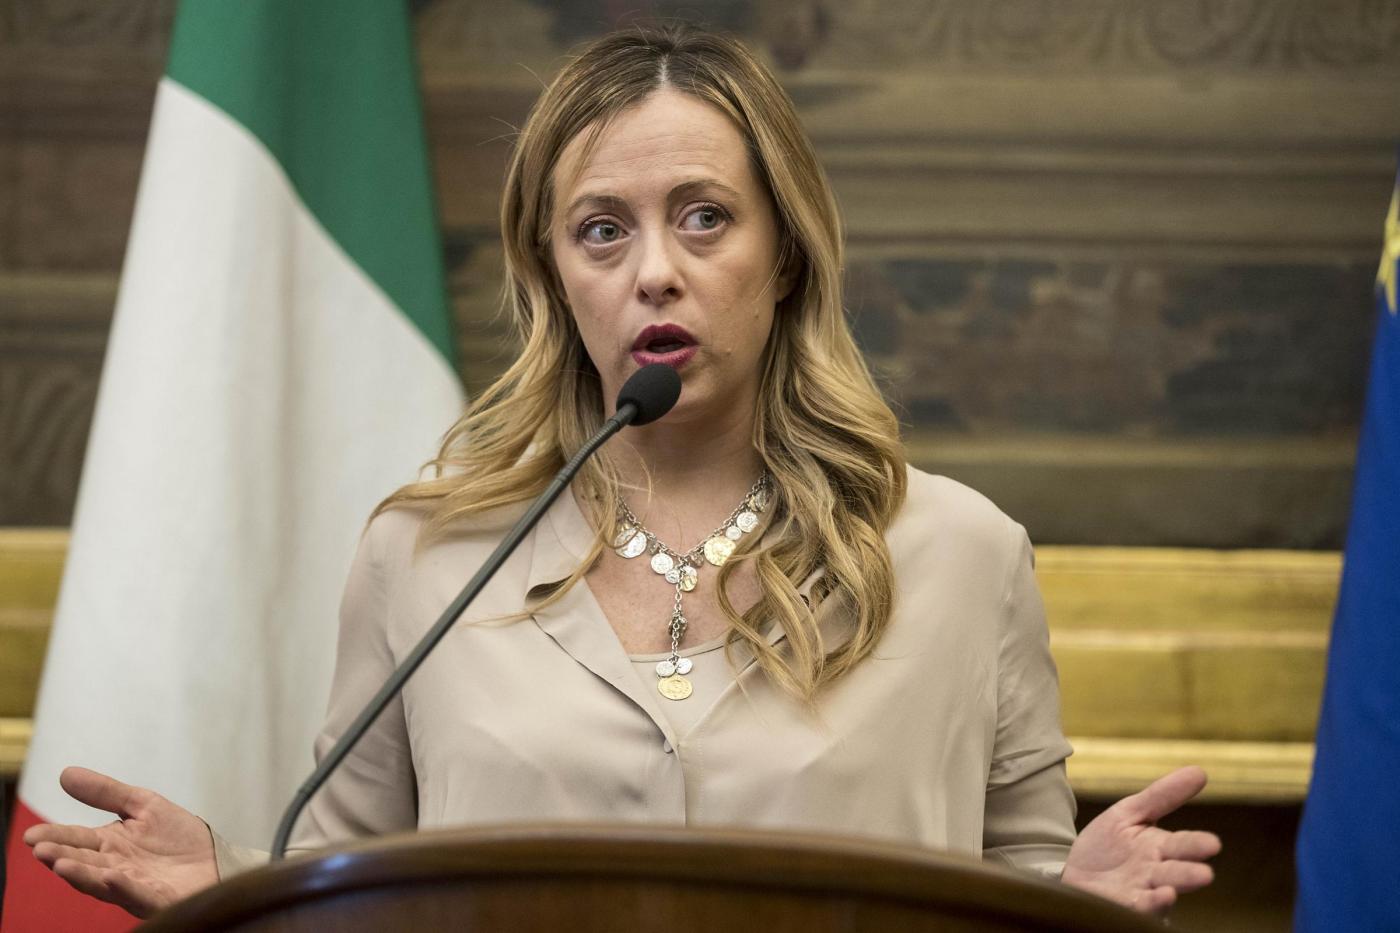 Asia Argento attacca Giorgia Meloni: 'Schiena grassa di una ricca senza vergogna'